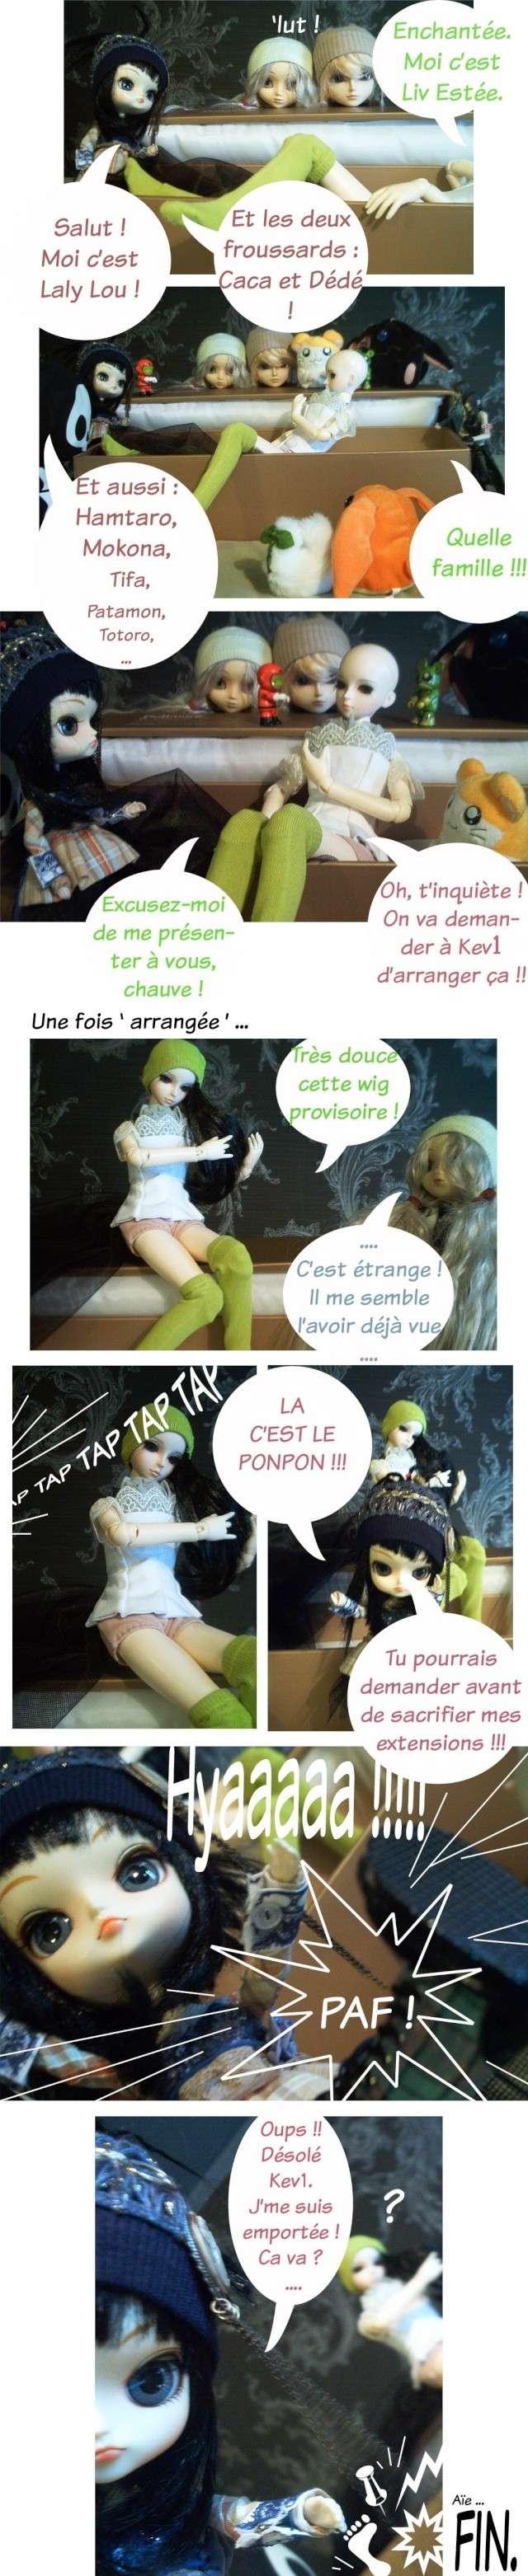 [Unoa O & Narae]  + La . Cavale +  p.26 - Page 2 Le-pho10